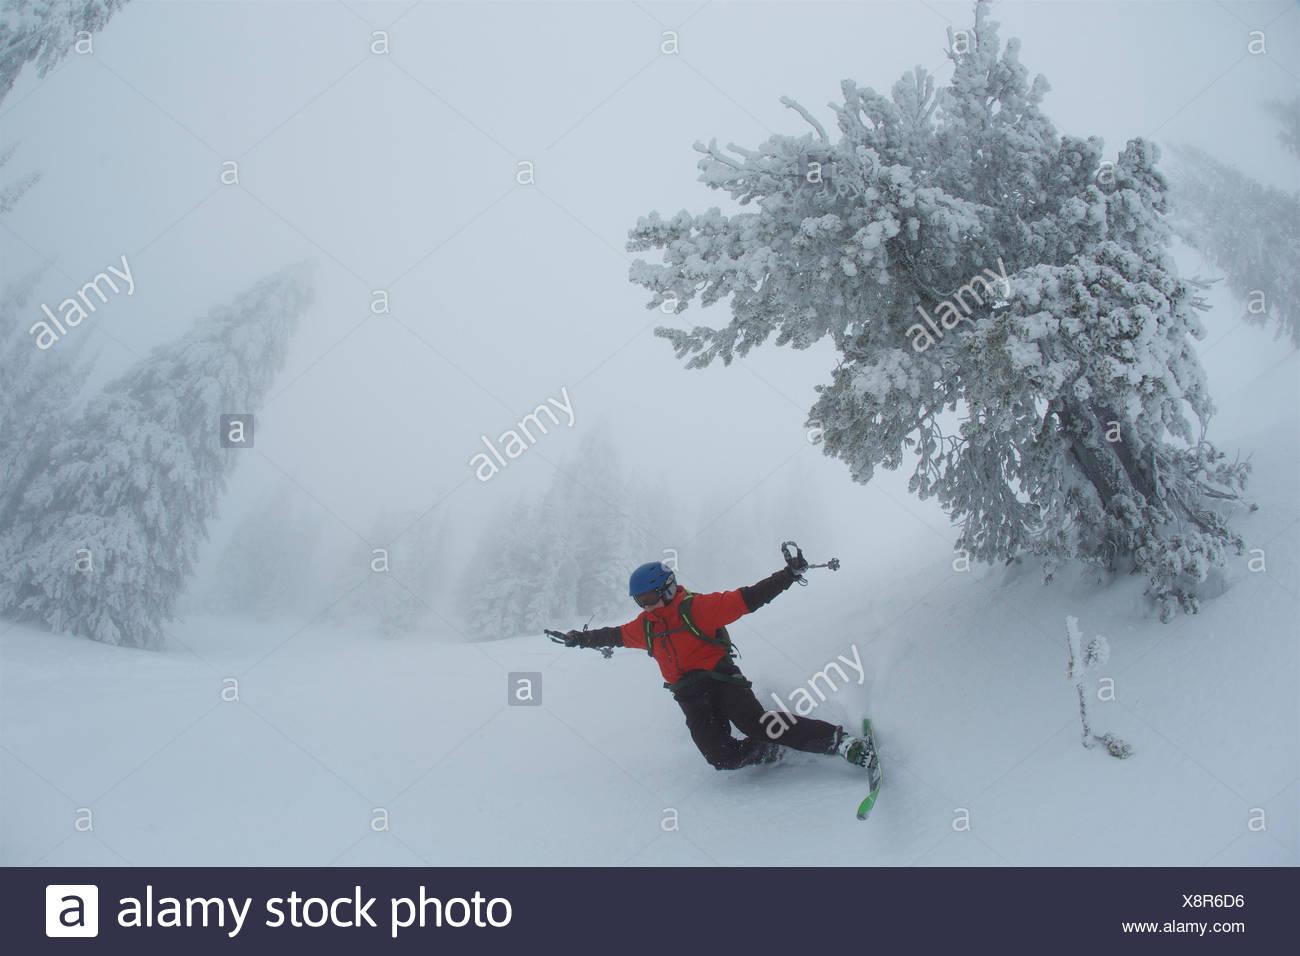 Un adolescente ragazzo cade durante la pratica dello sci nella nebbia, whiteout condizioni nei pressi di rime coperti di conifere. Immagini Stock